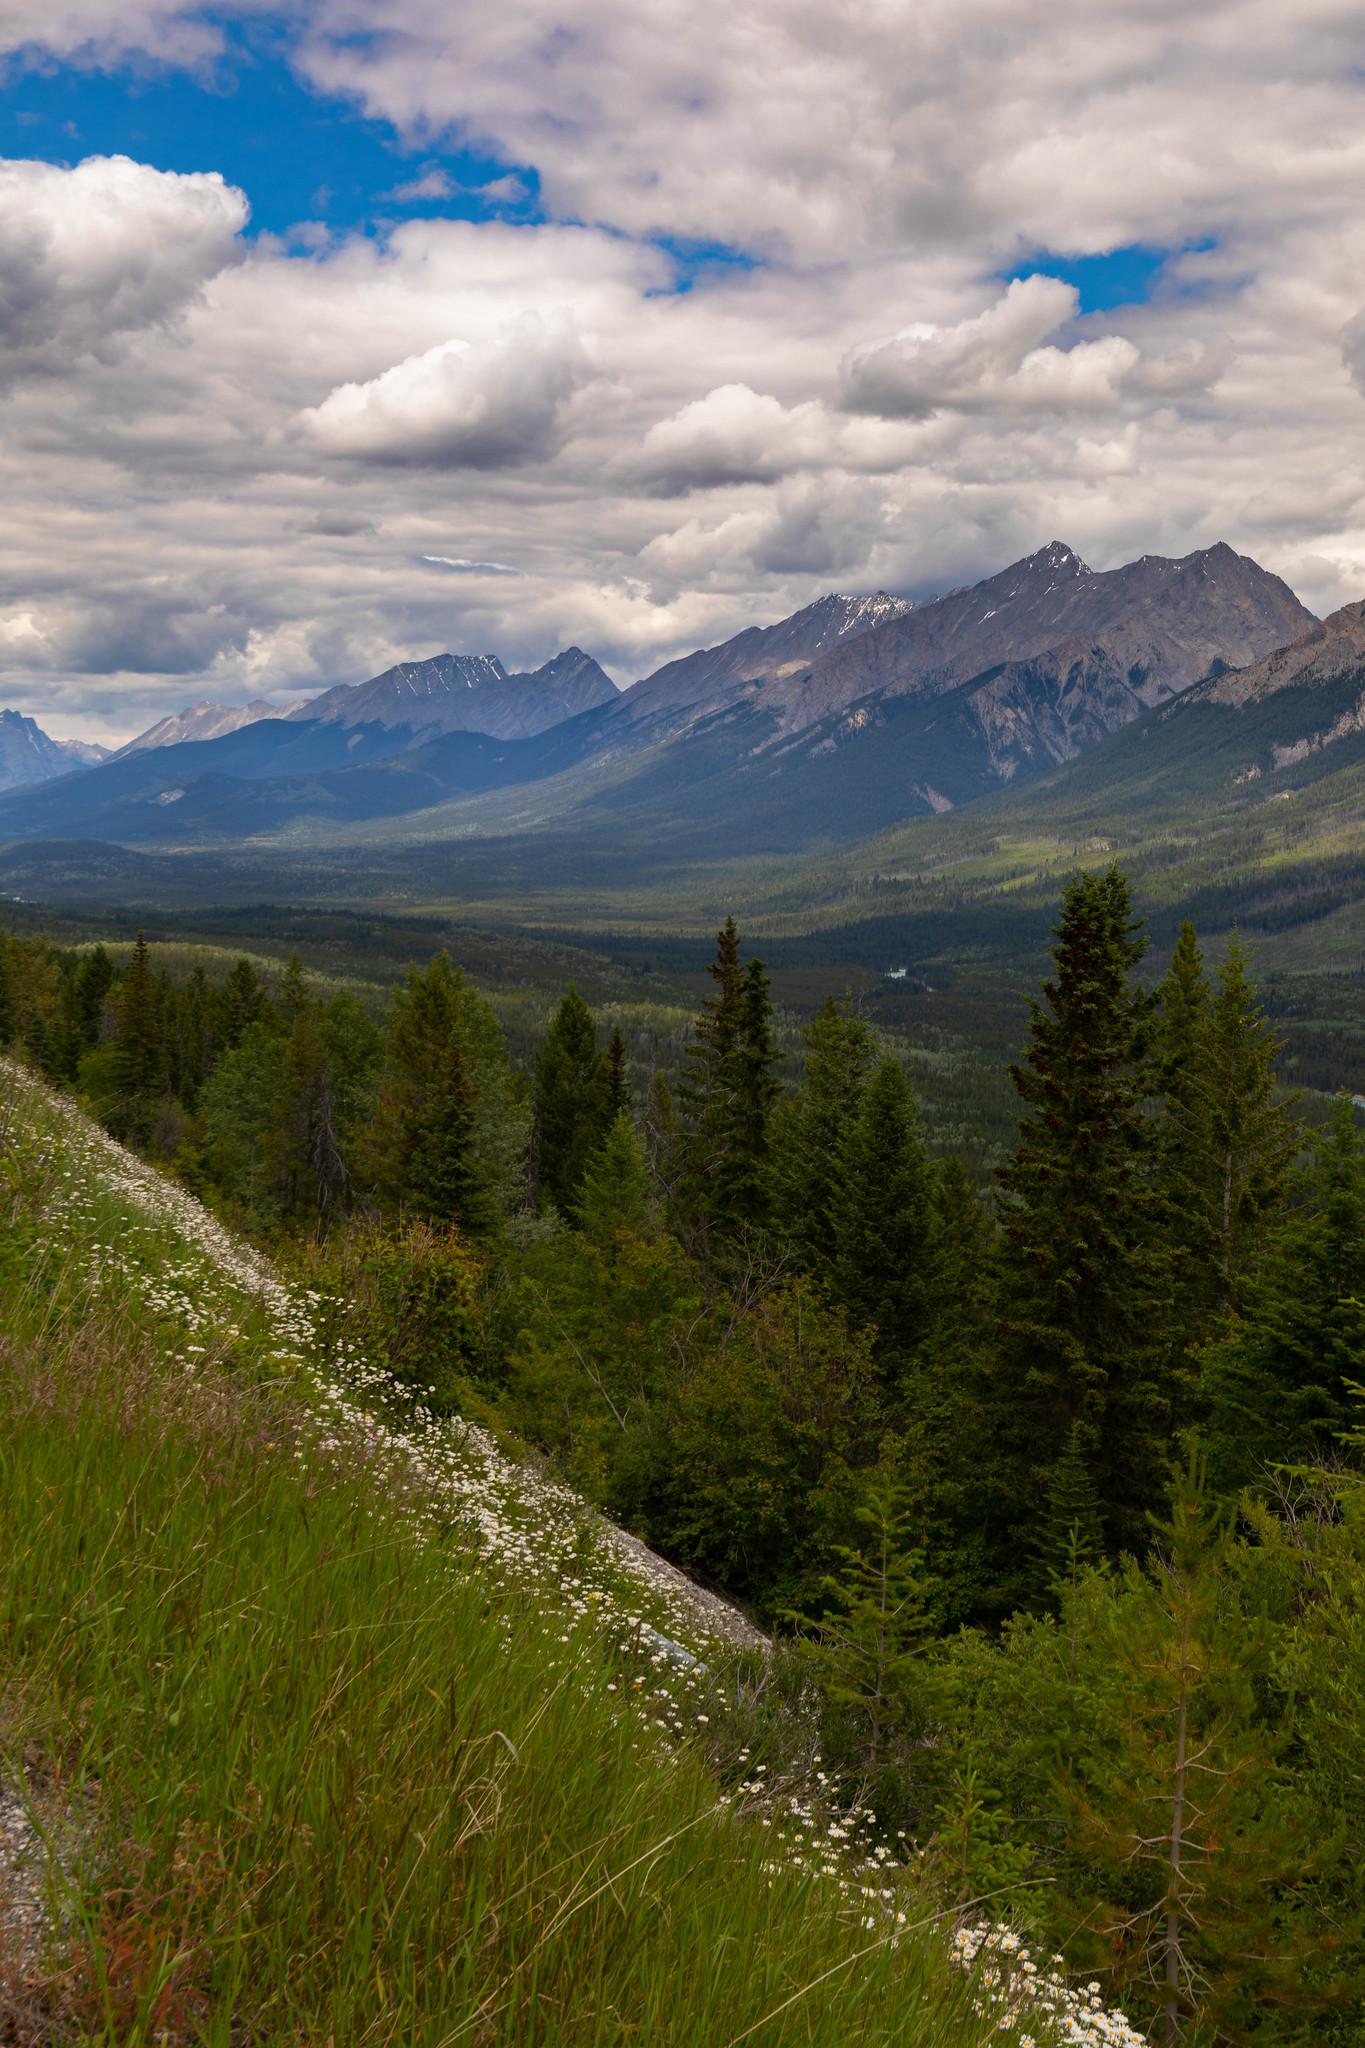 06.30. Kootenay National Park, BC, Canada